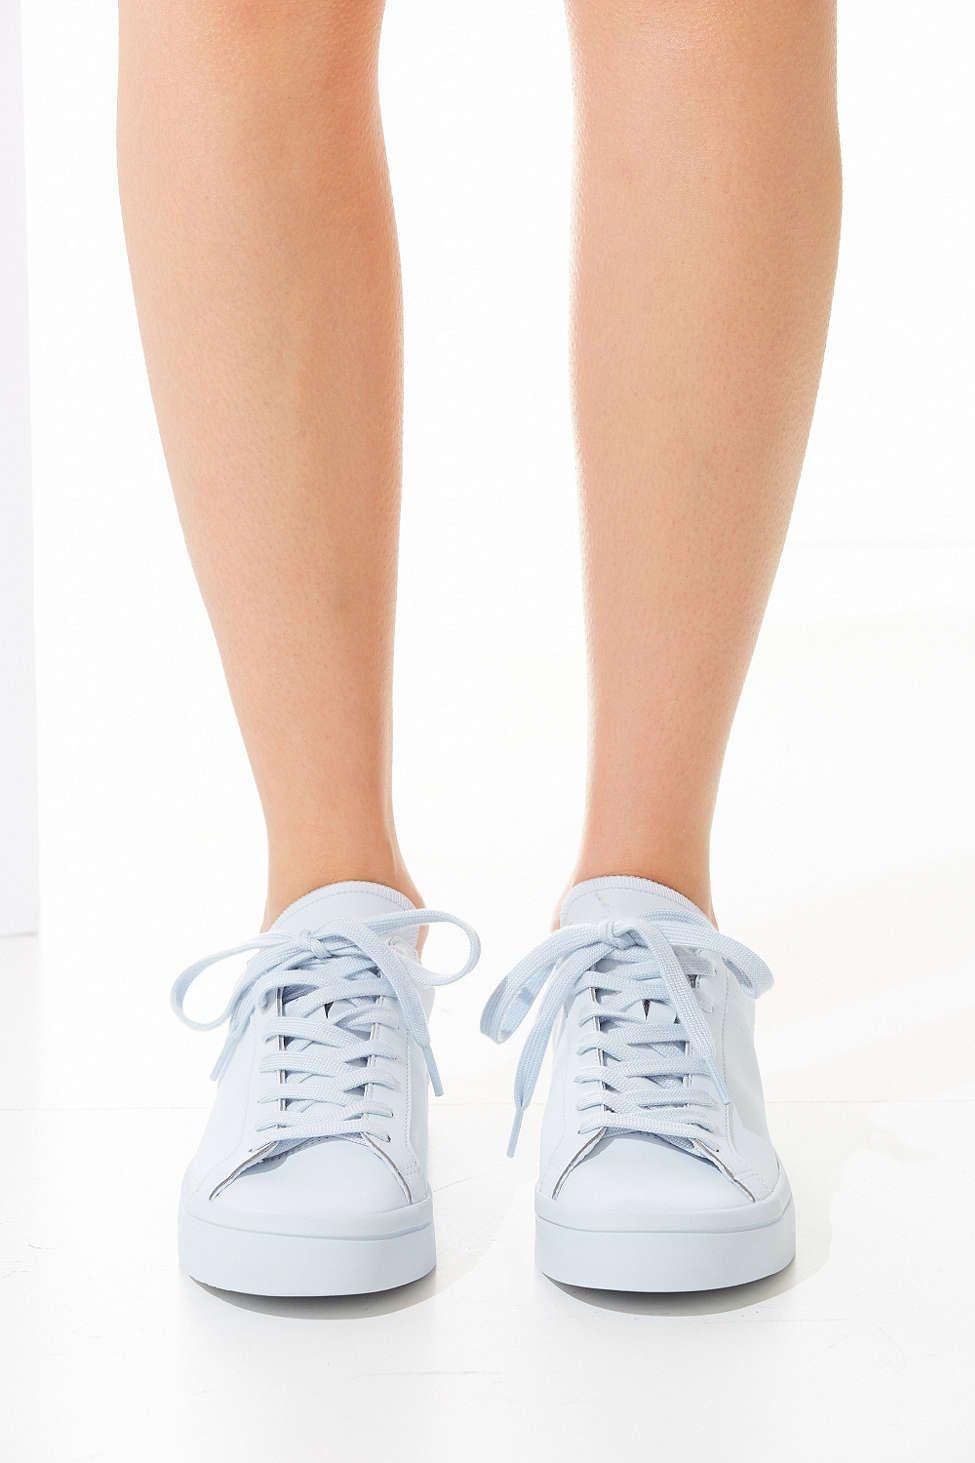 online retailer 6bf02 7a845 adidas Originals Pastel Supercolor Court Vantage Sneaker